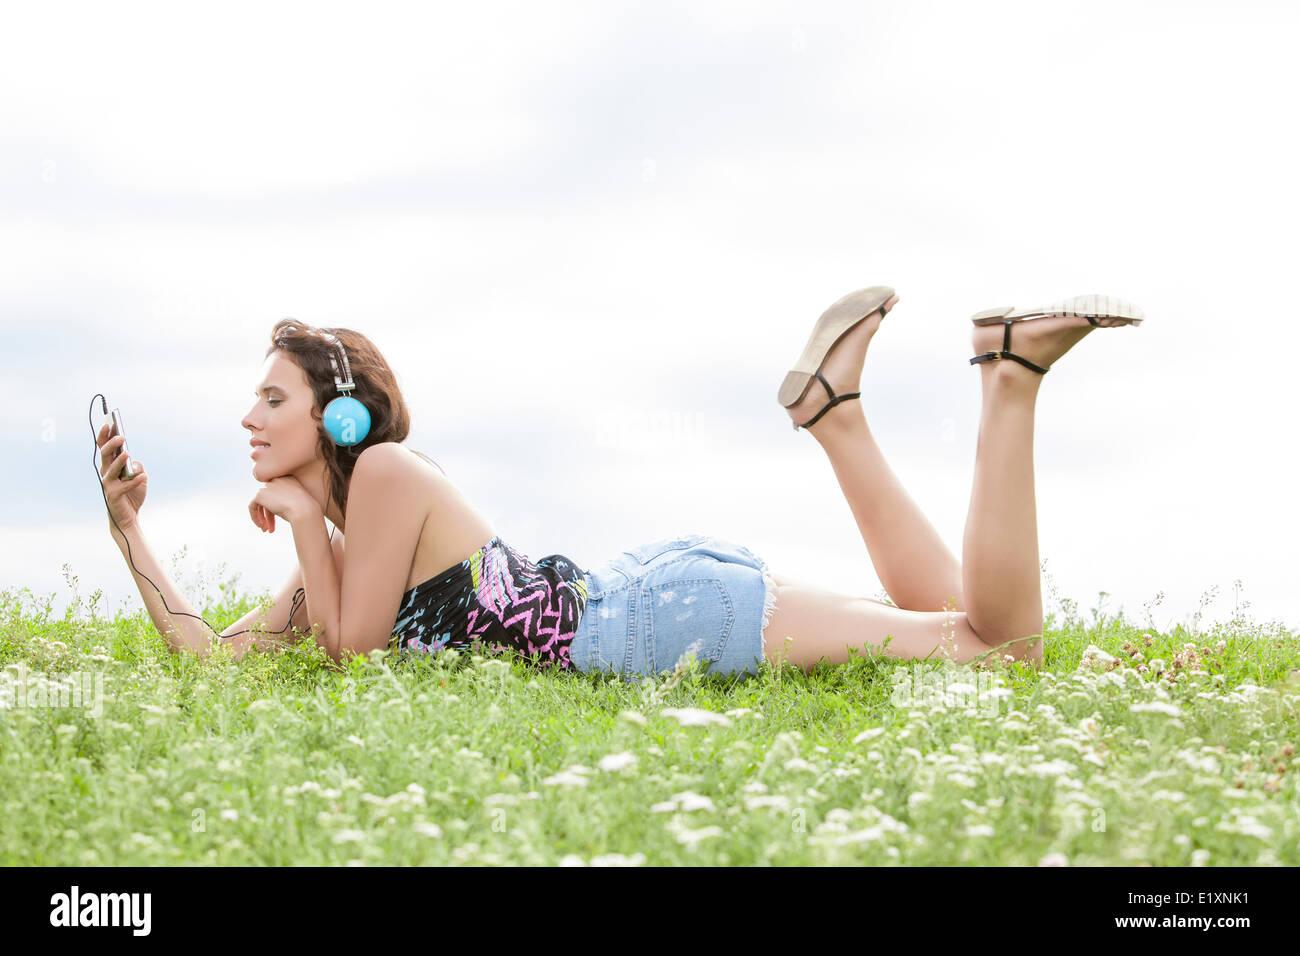 Profil-Schuss von Frau anhören von Musik über Kopfhörer beim liegen auf dem Rasen gegen Himmel Handy Stockbild